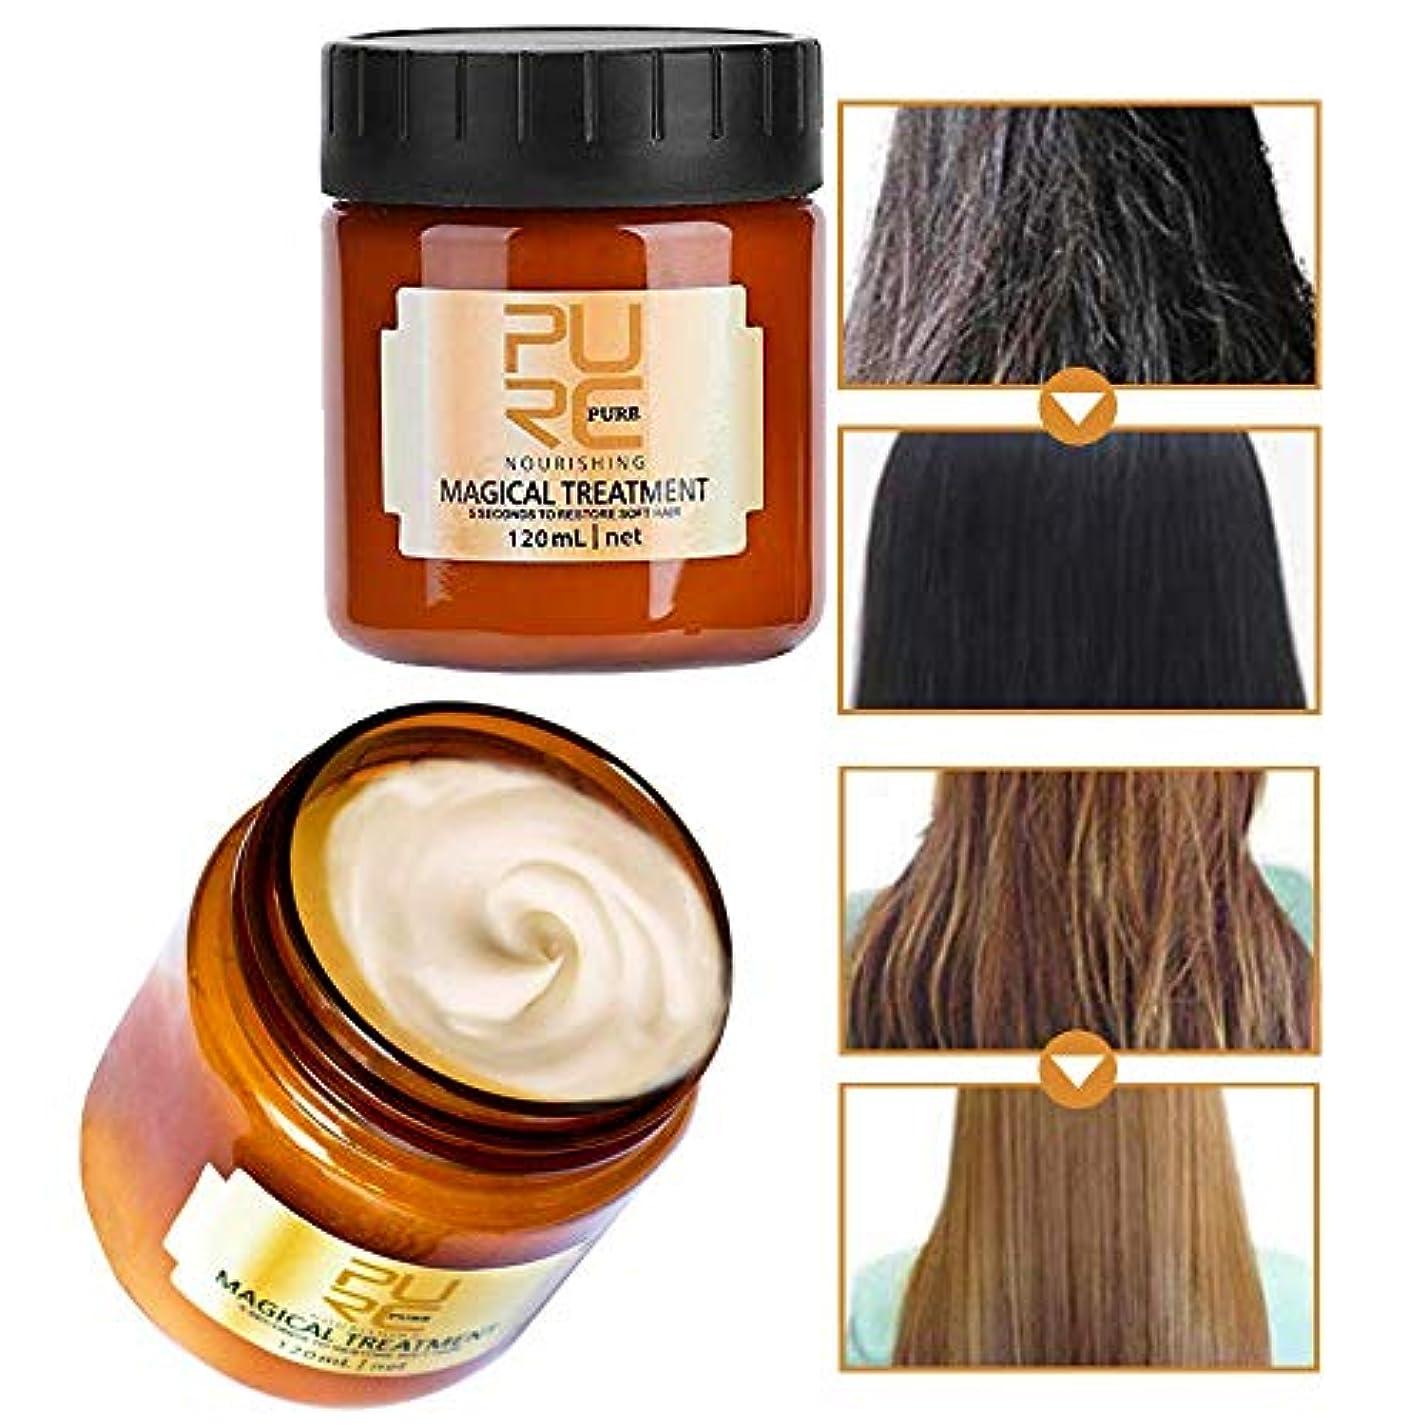 新年蓄積する化学Odette 2019 ヘアケアエッセンスルートトリートメント乾燥した髪を改善躁髪質を改善し、健康的で柔らかい髪を回復する栄養ケアを達成効果的で便利なヘアケアクリーム (120ml) (1pcs)